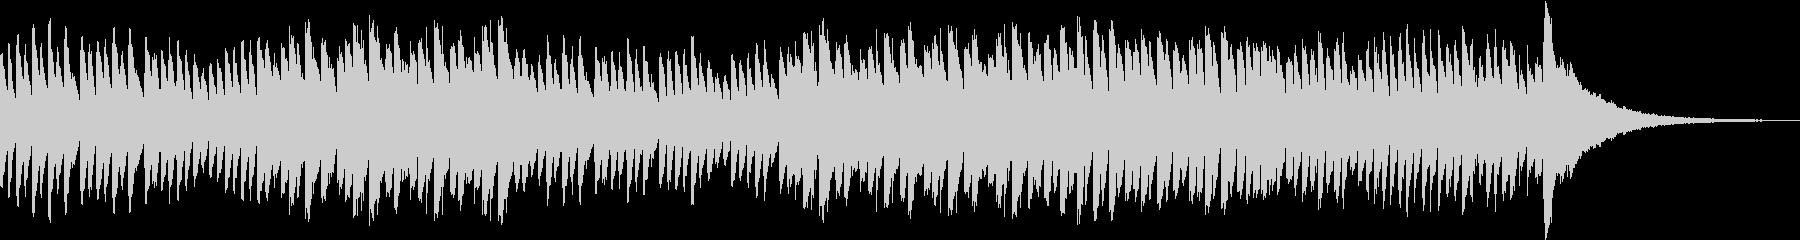 回想シーン用のピアノの未再生の波形